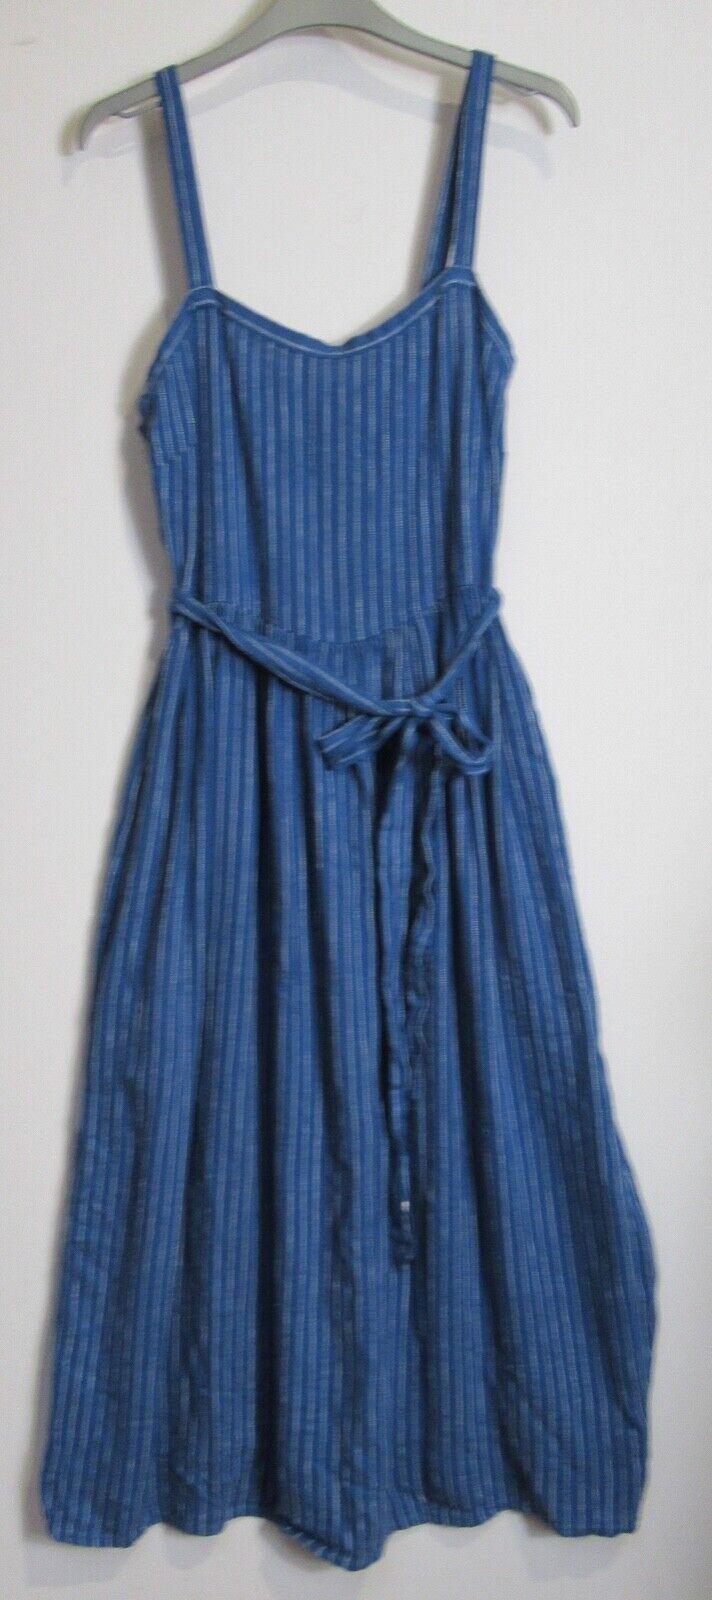 New Marks & Spencer Linen Blend Striped Midi Skater Dress - Uk size 6 - 20